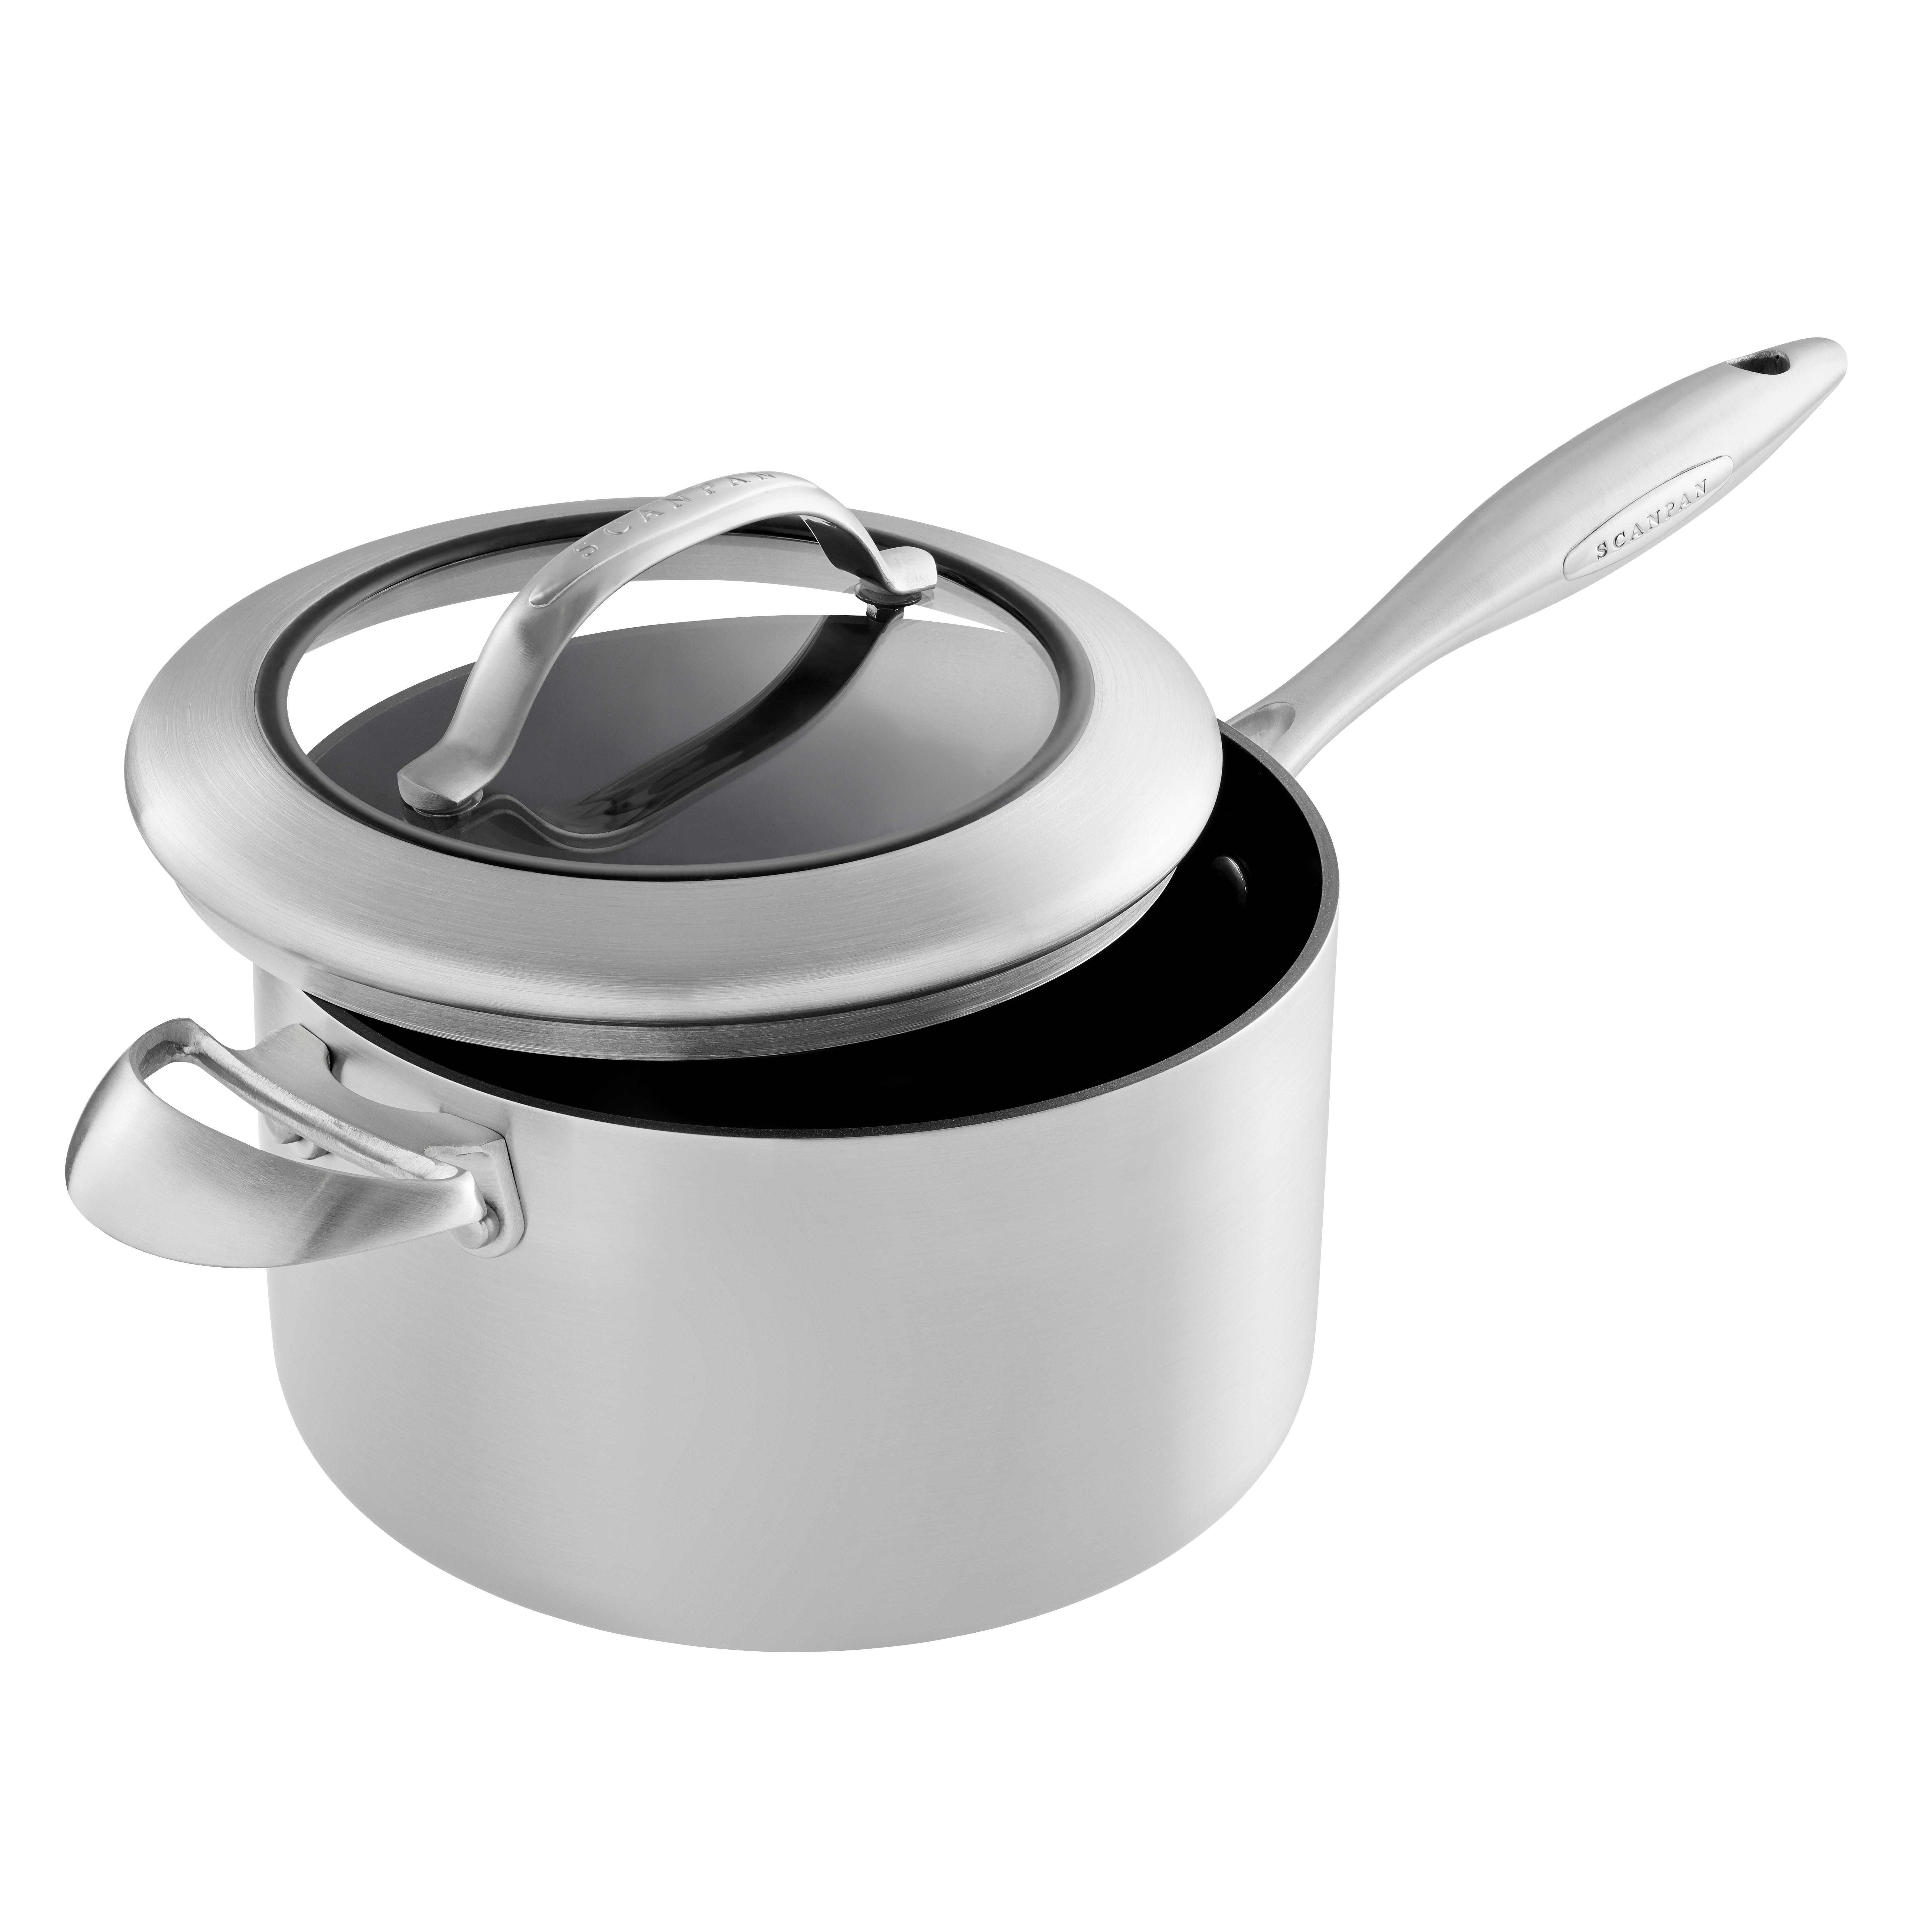 3,5l/20 cm kasserolle med glaslåg - CTX, 3,5 l 20 cm